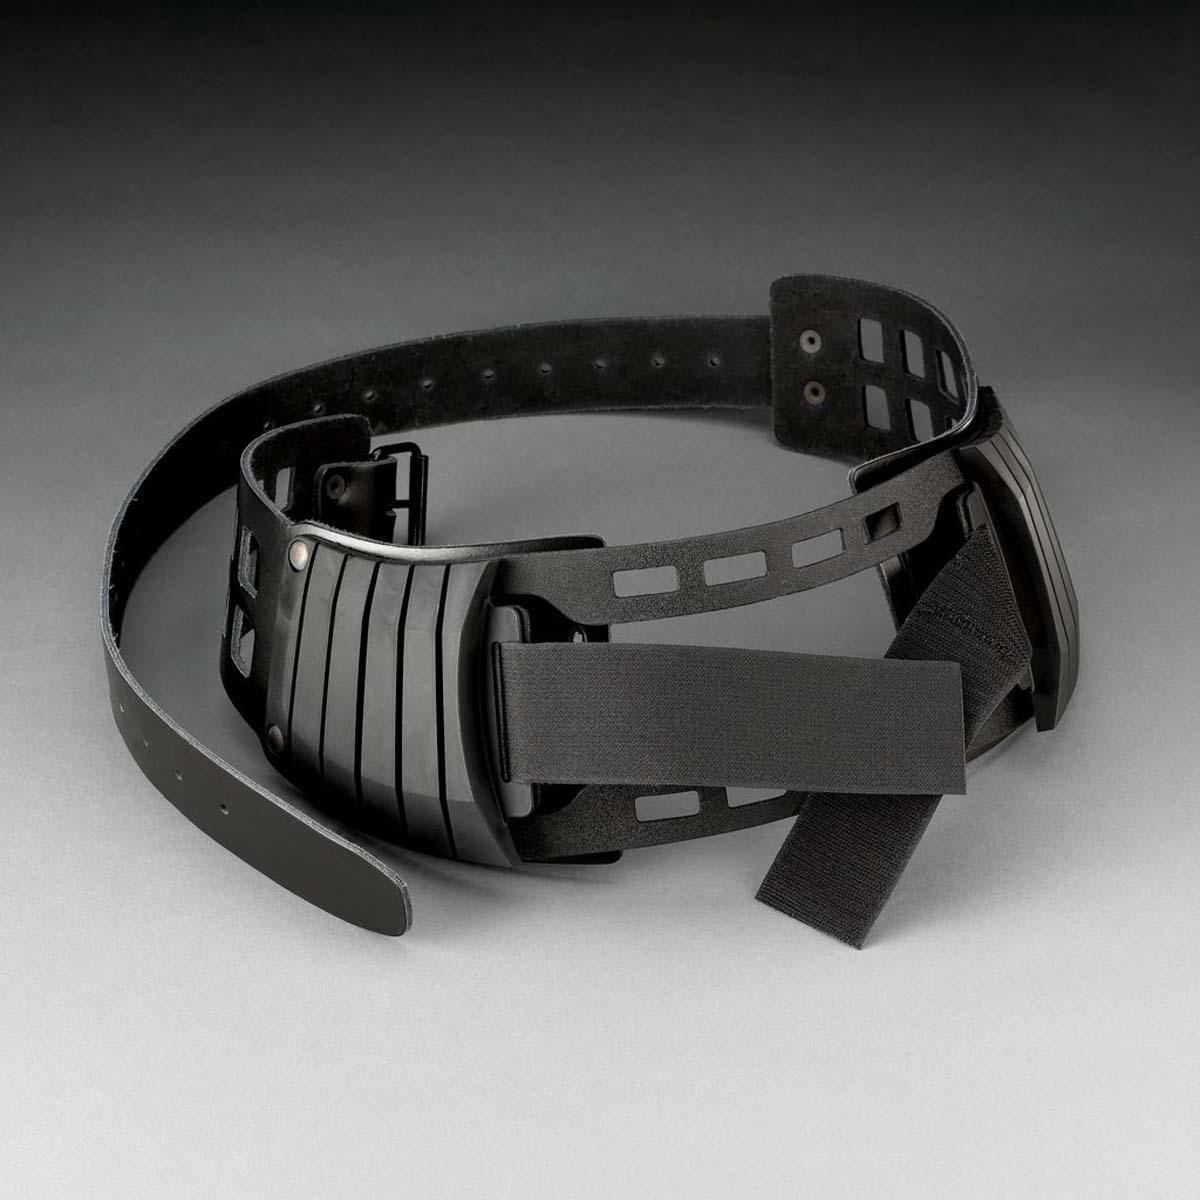 3M Adflo Leather Belt 15-0099-16